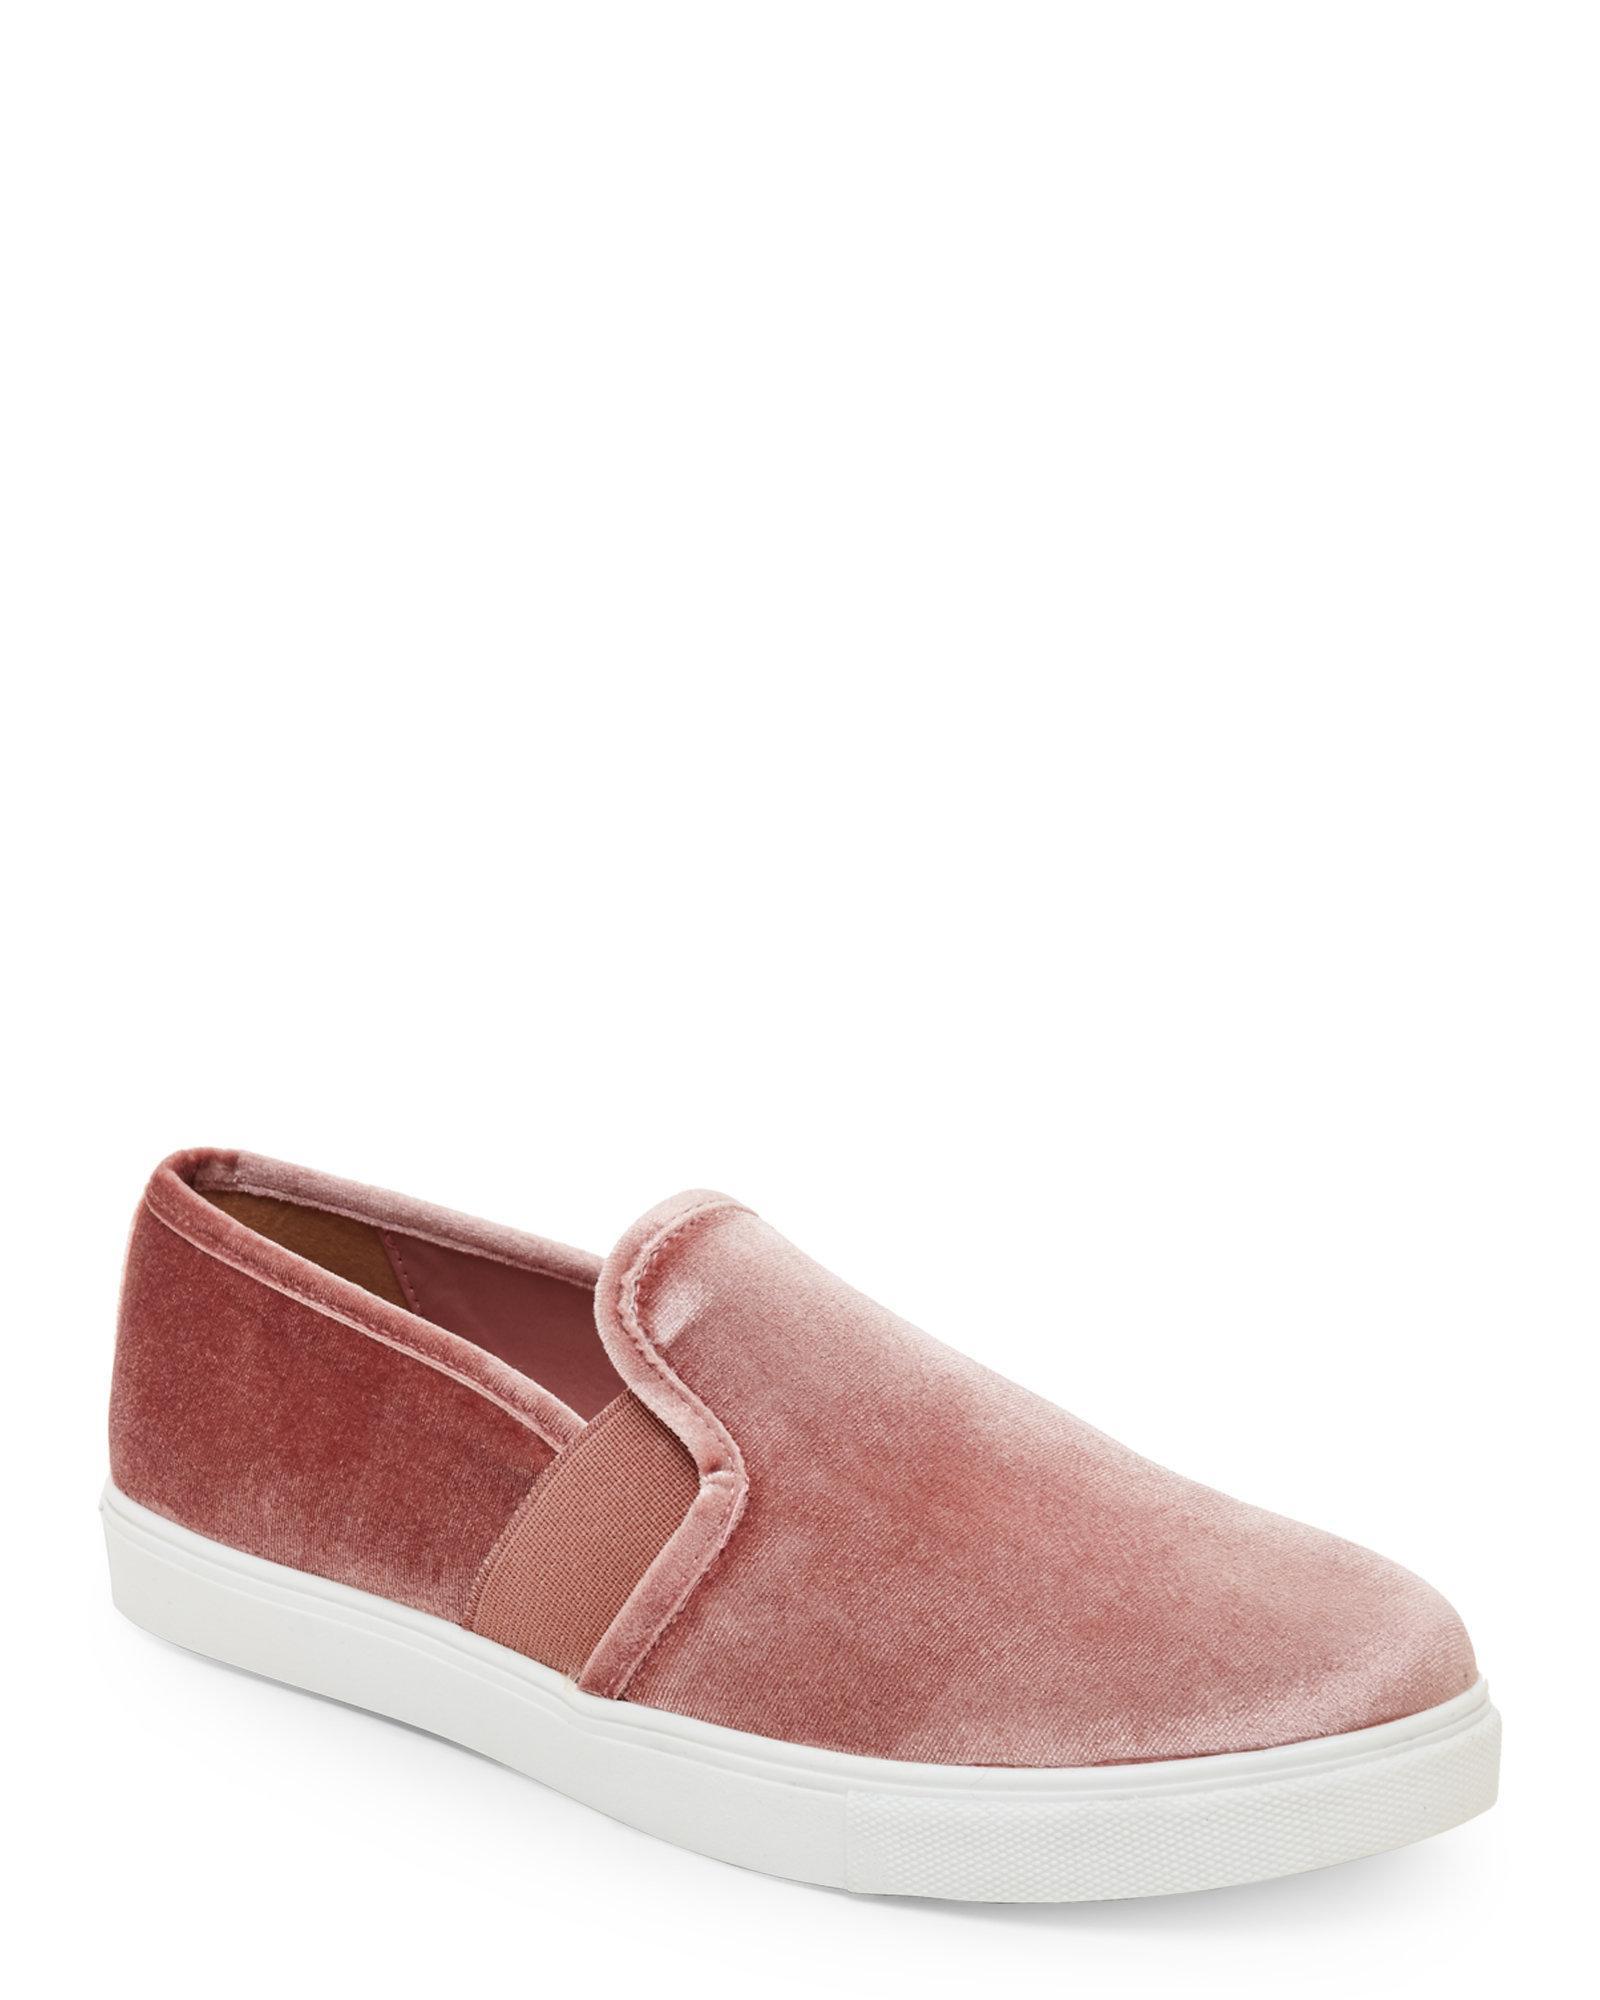 Velvet Shoes Slip Ons